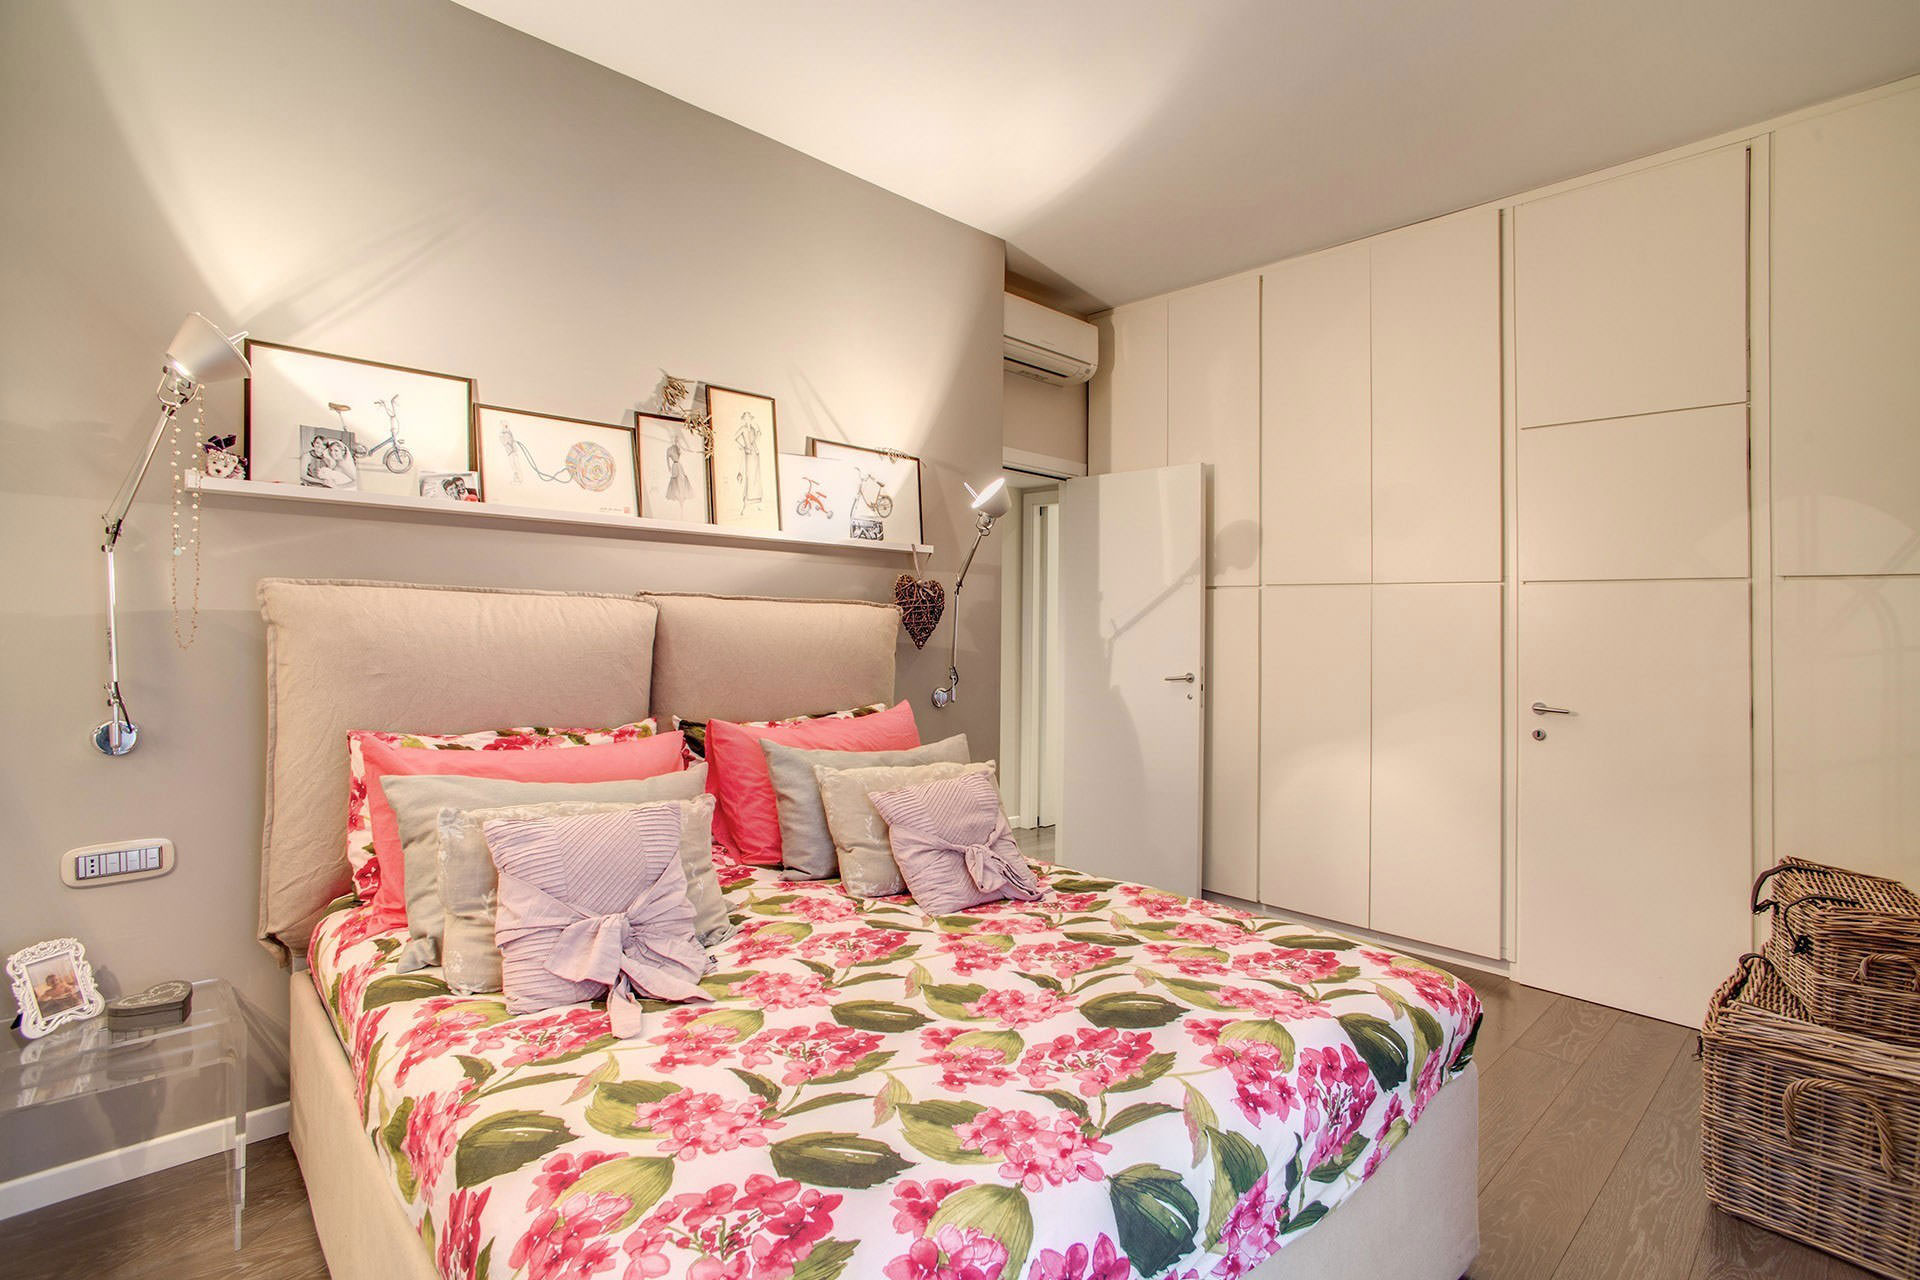 komforten-apartament-sas-sempal-dizain-v-rim-911g